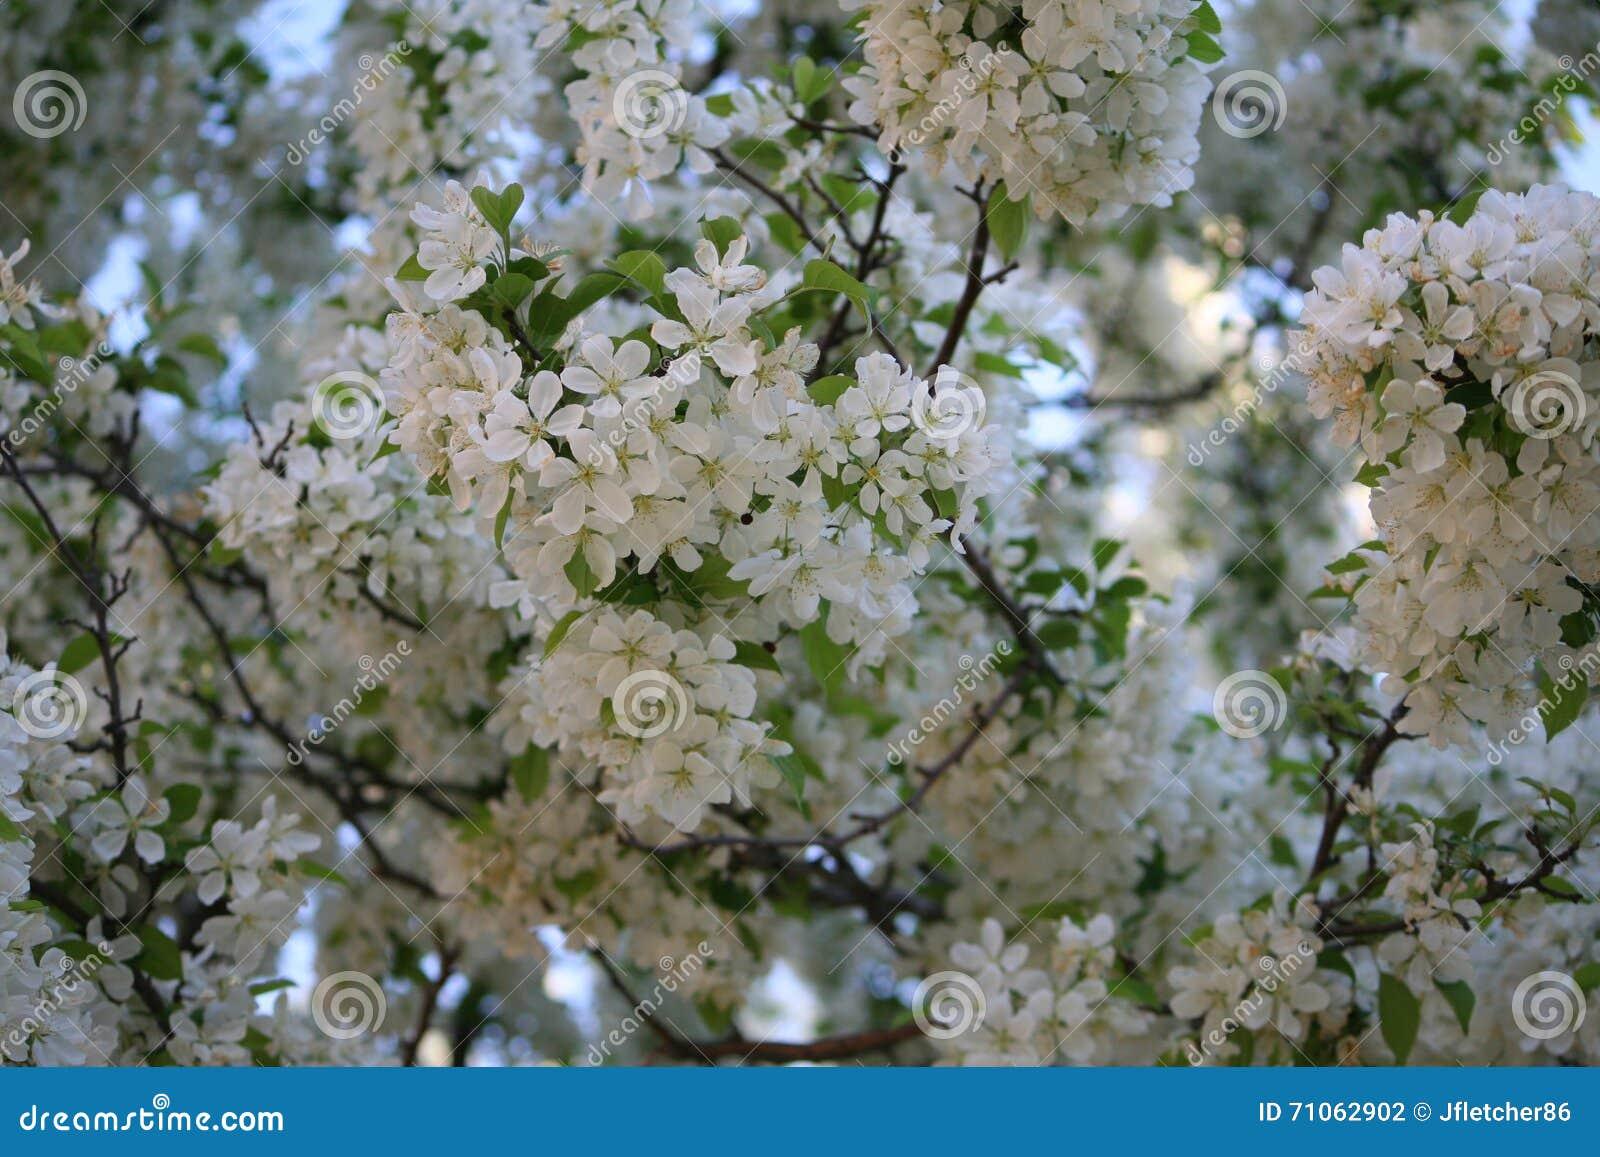 Albero Con Fiori Bianchi piccoli fiori bianchi su un albero fotografia stock